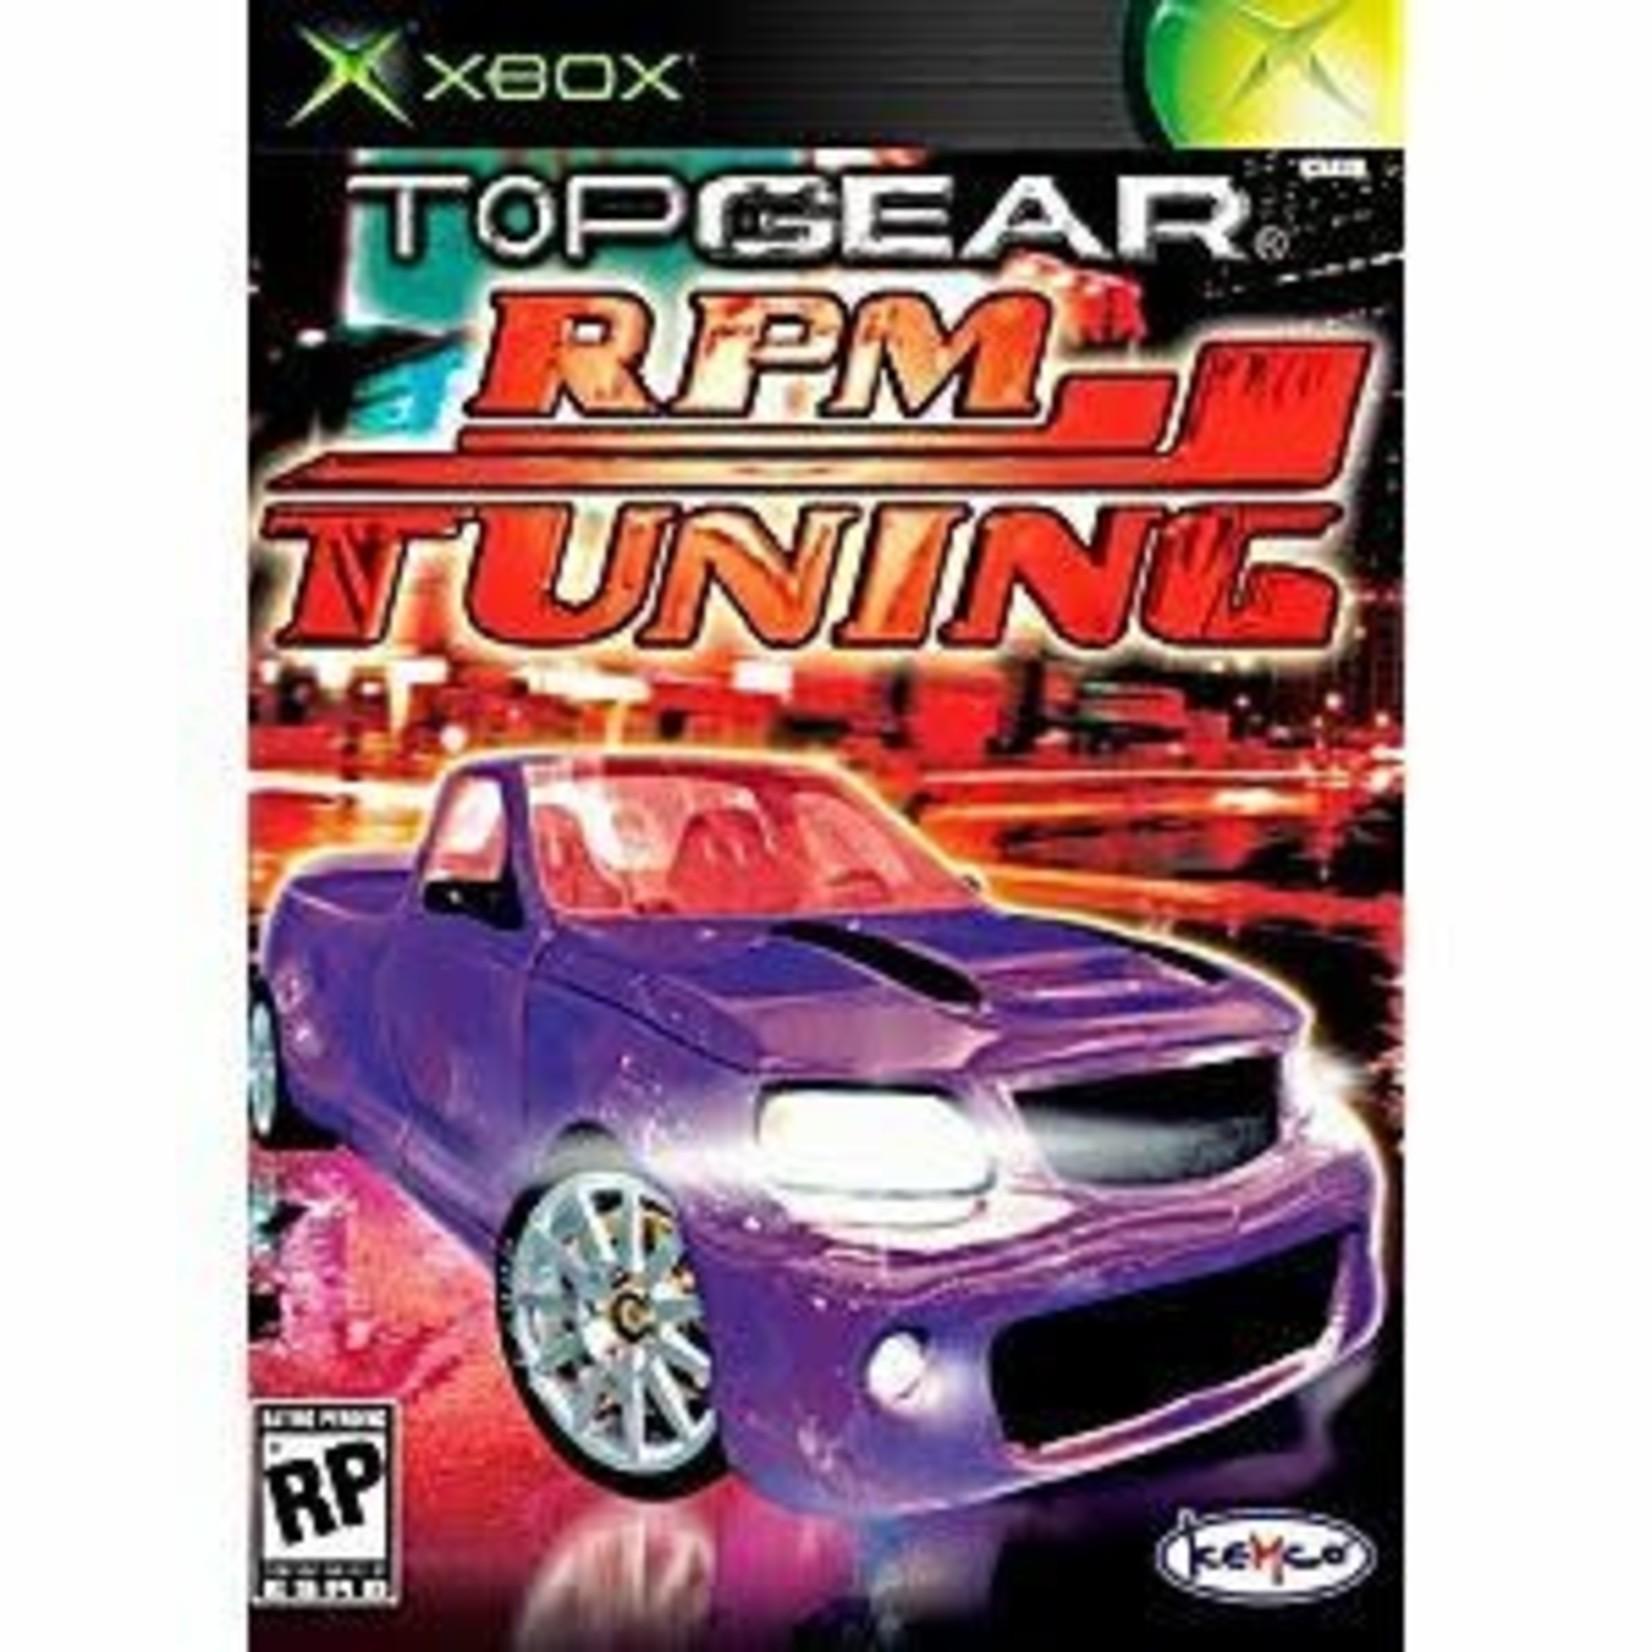 XBU-Top Gear RPM Tuning